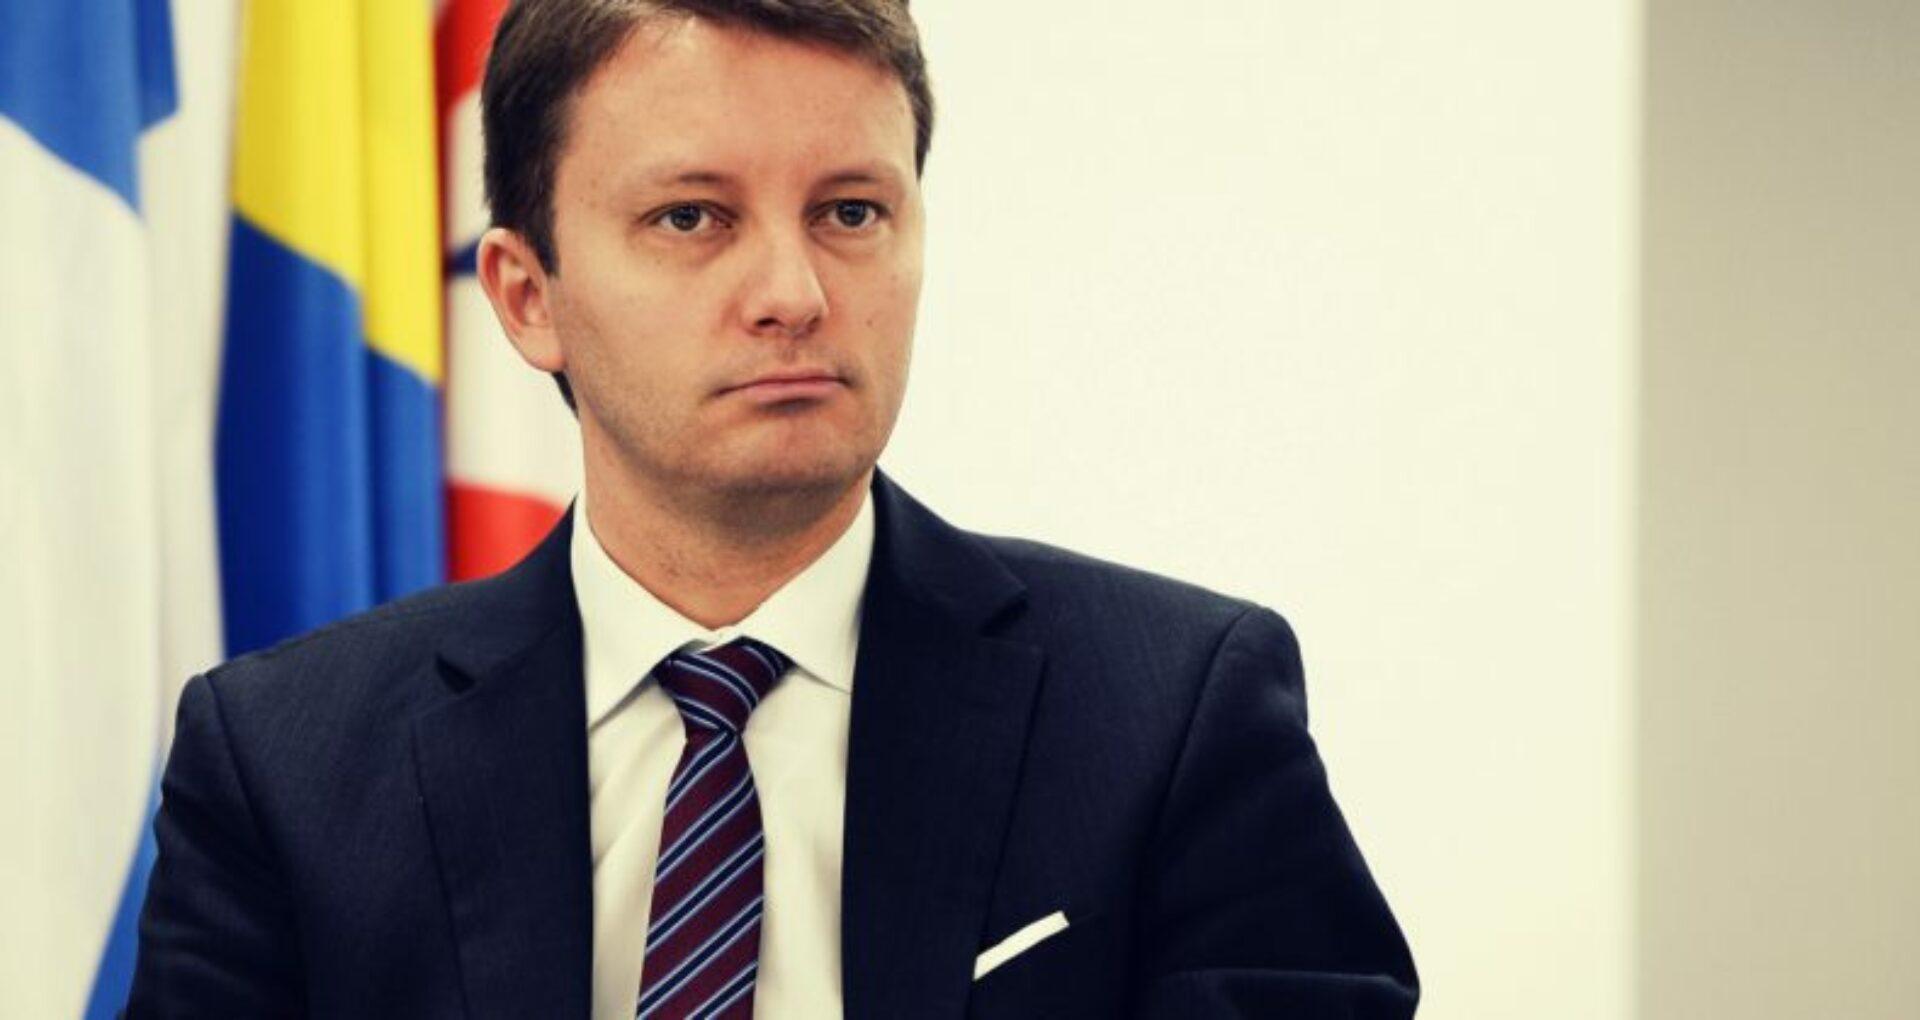 """""""Nedemocratic și netransparent"""". Europarlamentarul Mureşan condamnă modul în care au fost adoptate ultimele decizii ale Parlamentului"""